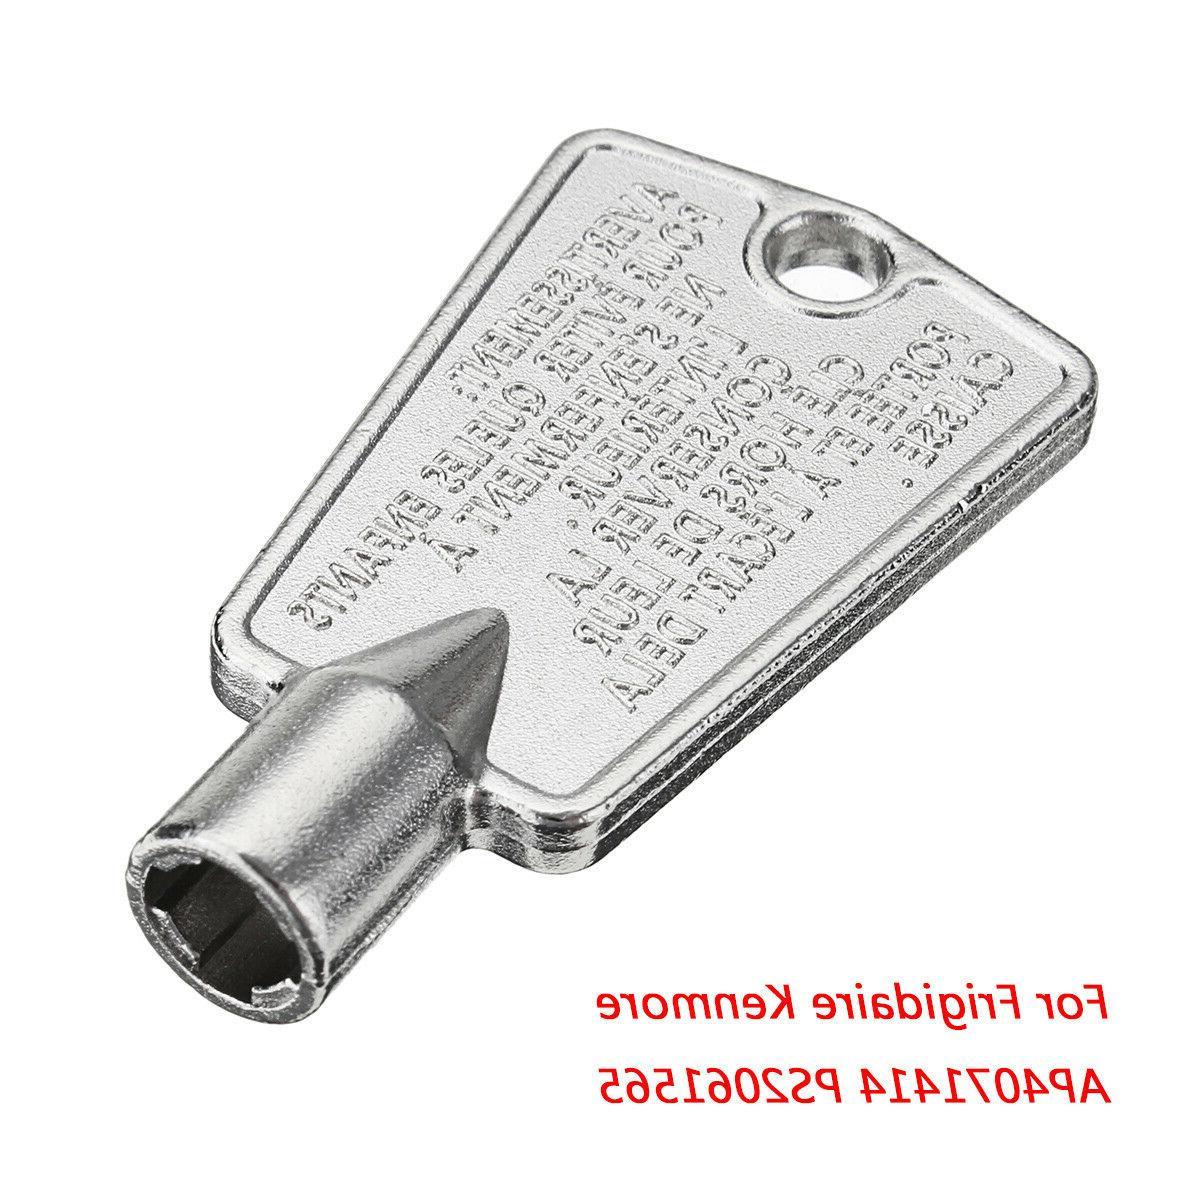 frigidaire kenmore ge freezer door key 216702900